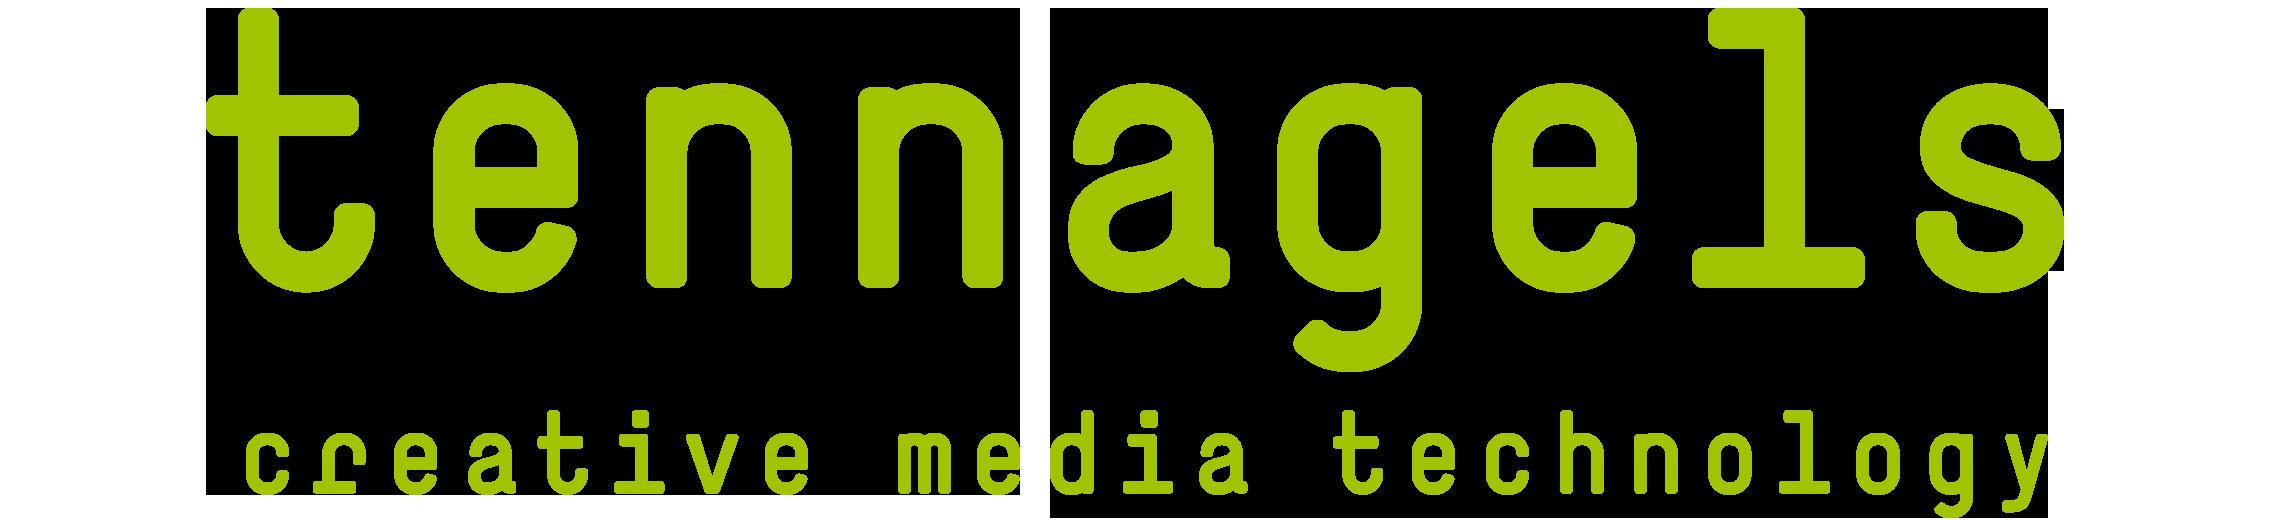 tennagels_green-png_retina